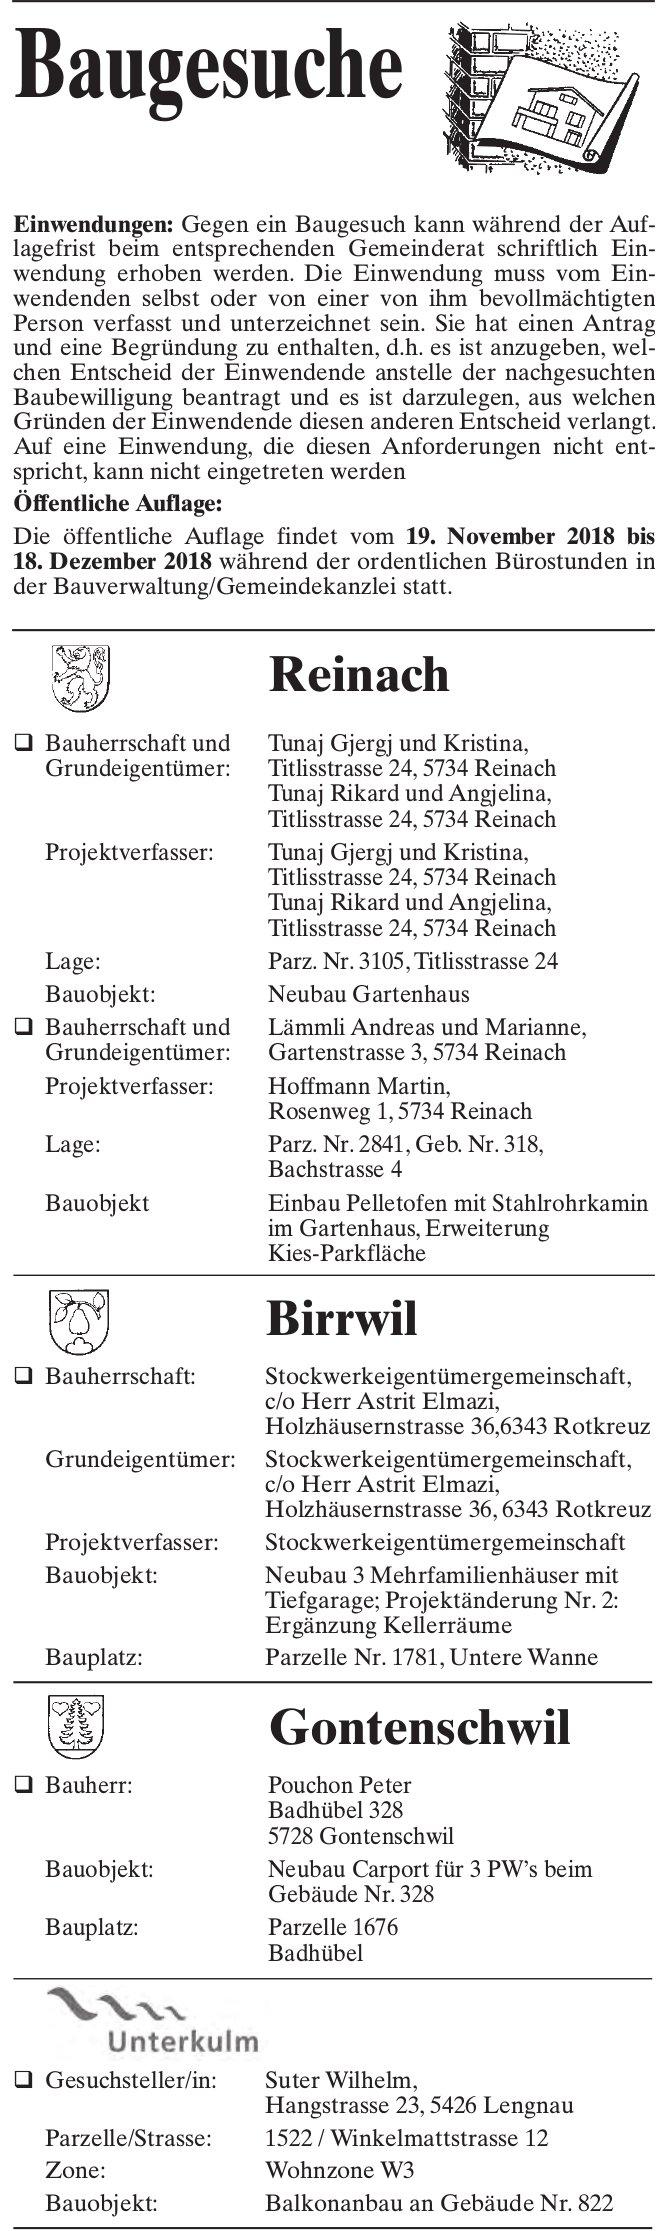 Baugesuche, Reinach, Birrwil, Gontenschwil & Unterkulm